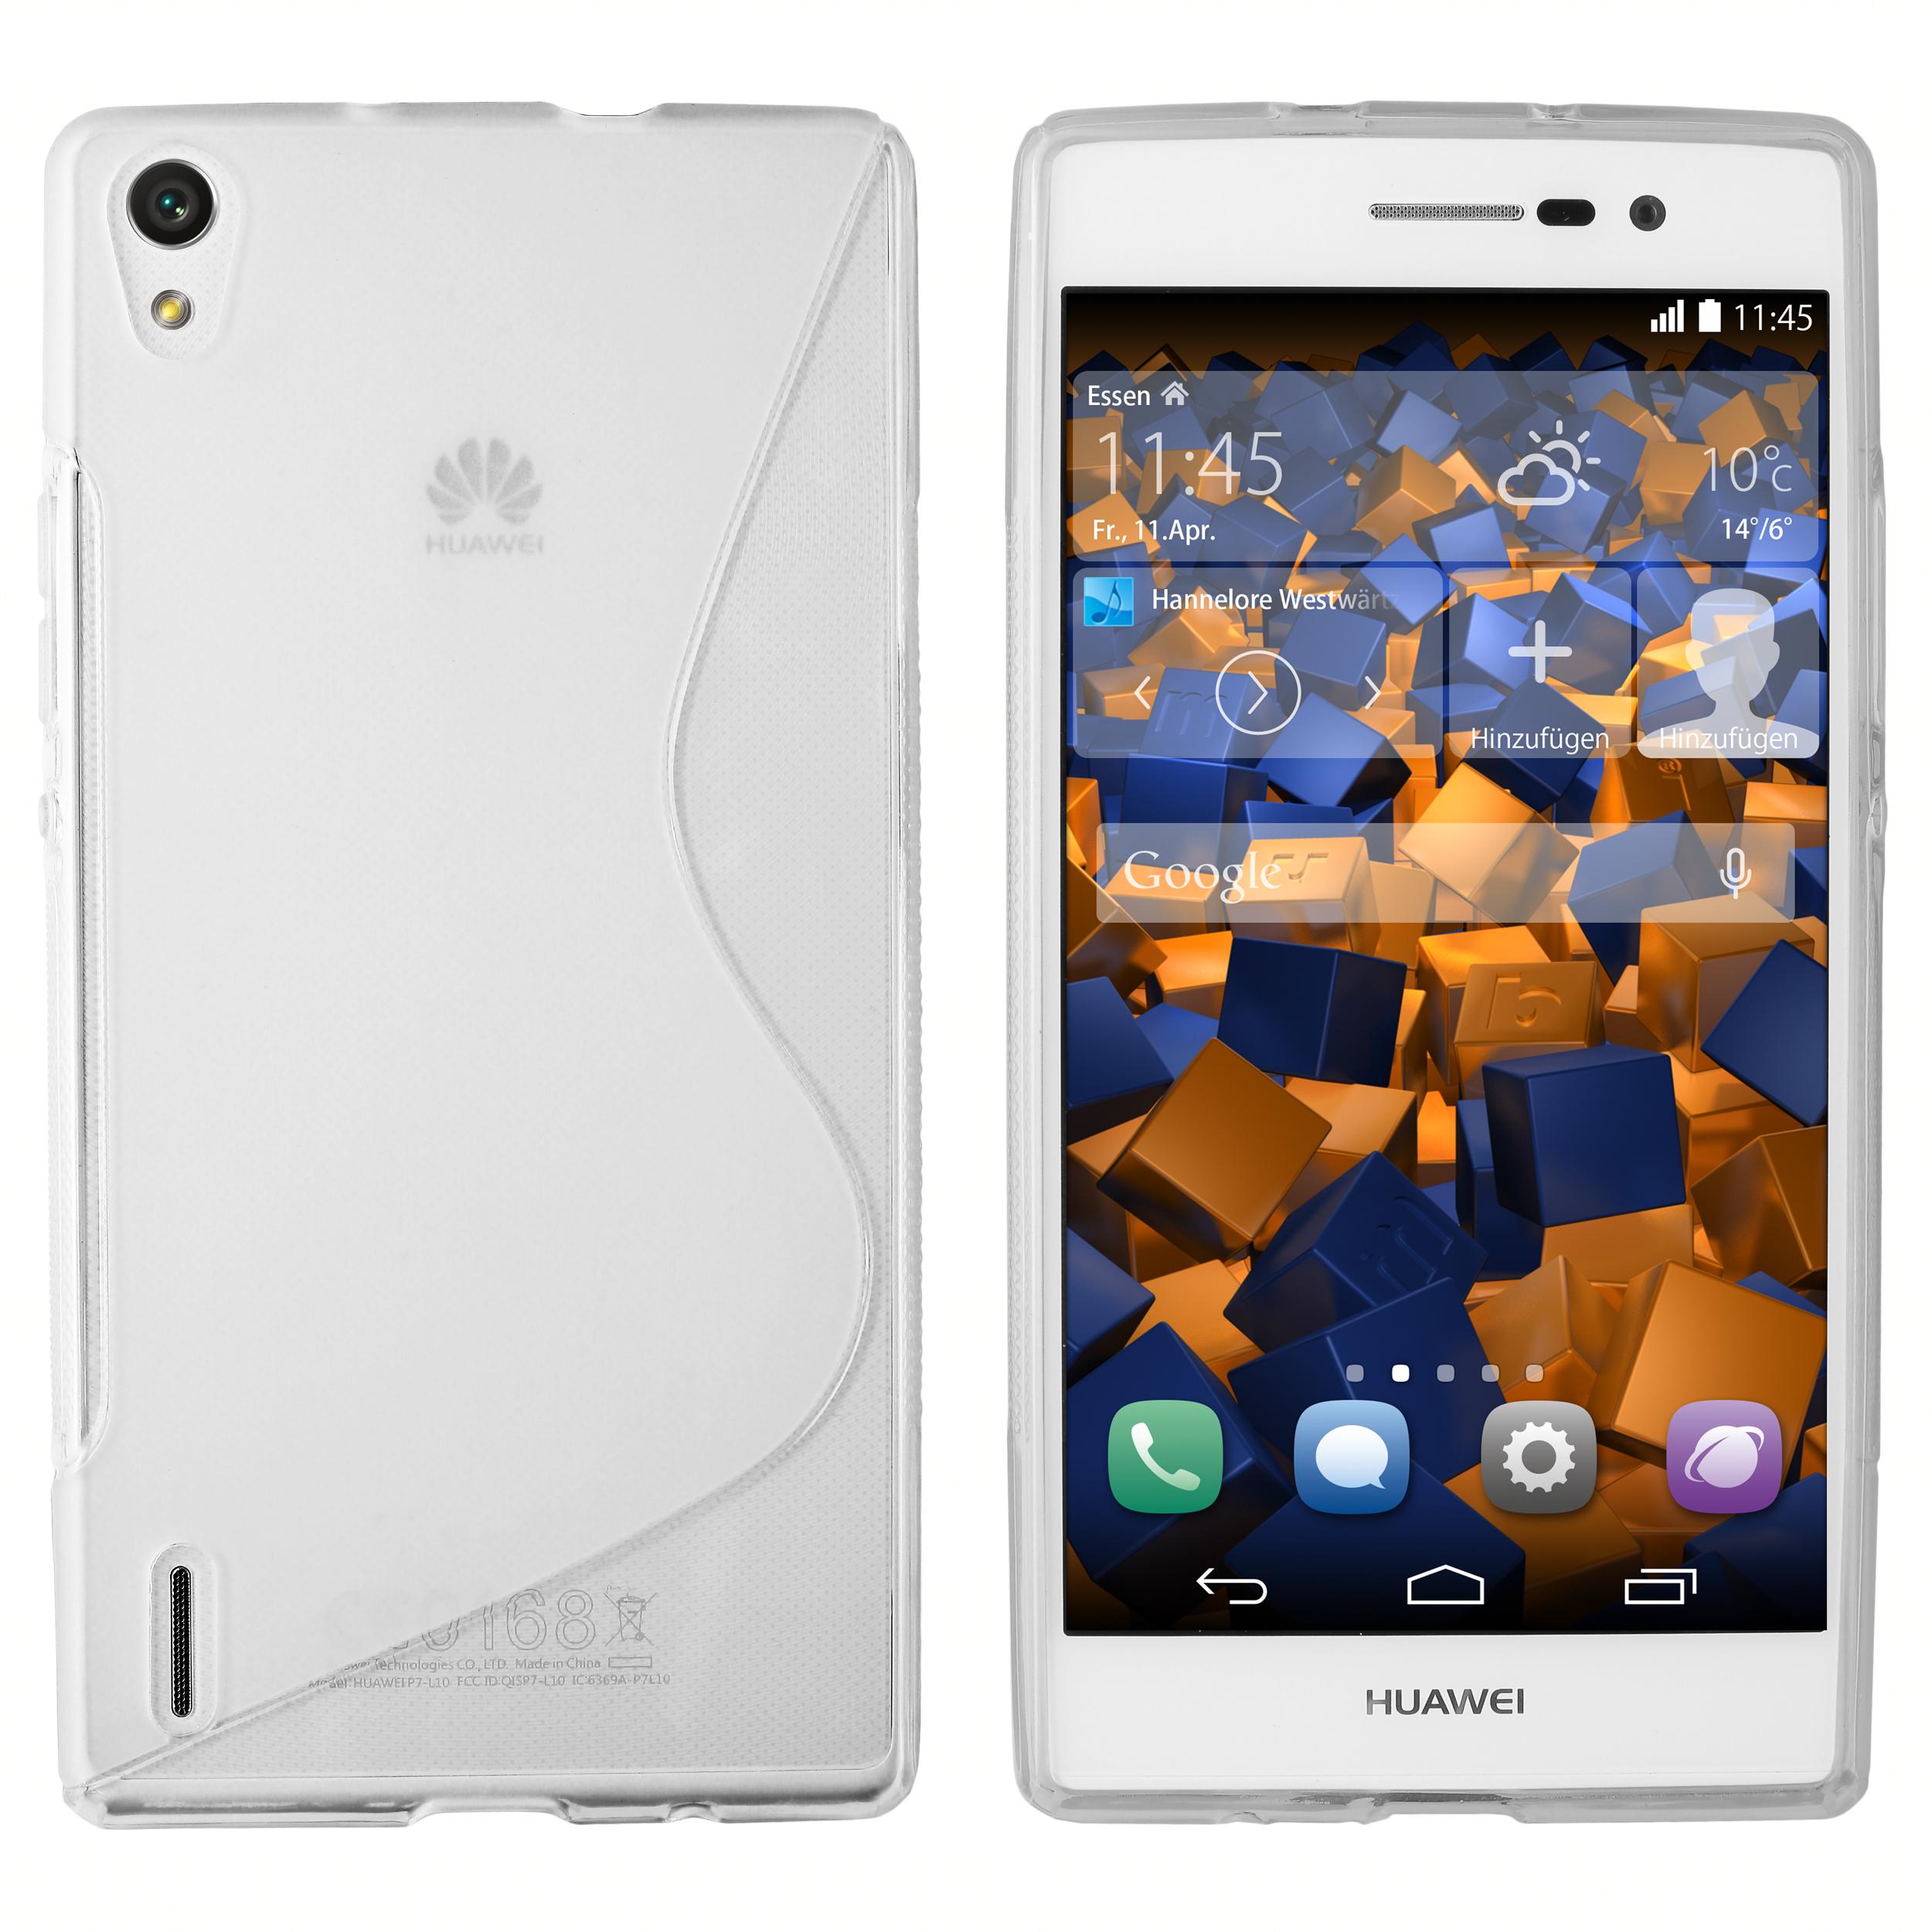 TPU Hülle S Design transparent weiß für Huawei Ascend P7 Ascend P7 Huawei weitere Modelle Weitere Modelle Hersteller